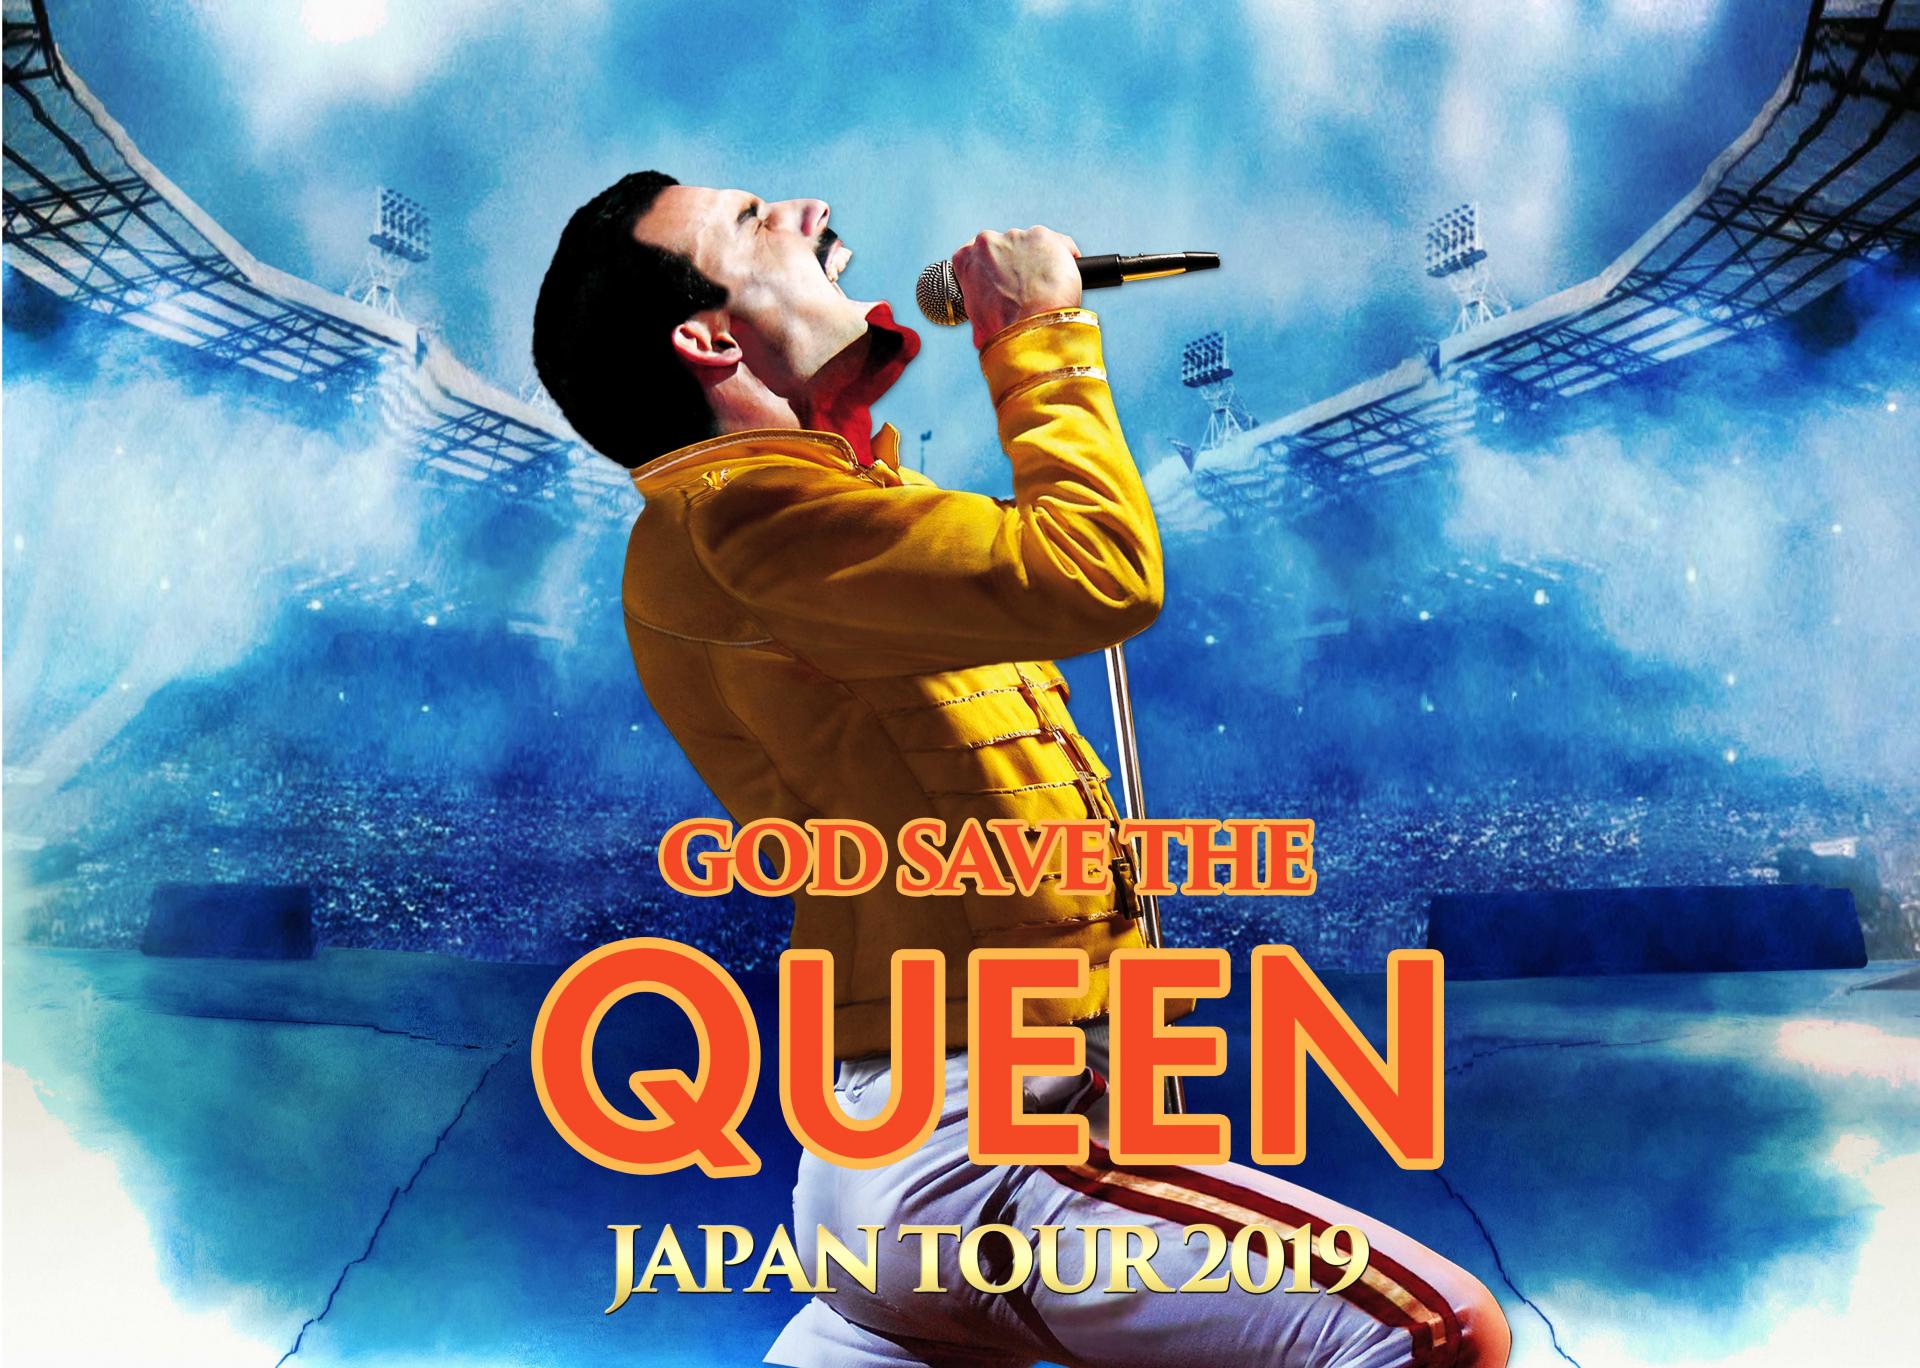 """史上最高と認められた""""QUEEN""""トリビュートバンド GOD SAVE THE QUEEN、3年連続の来日公演決定!"""